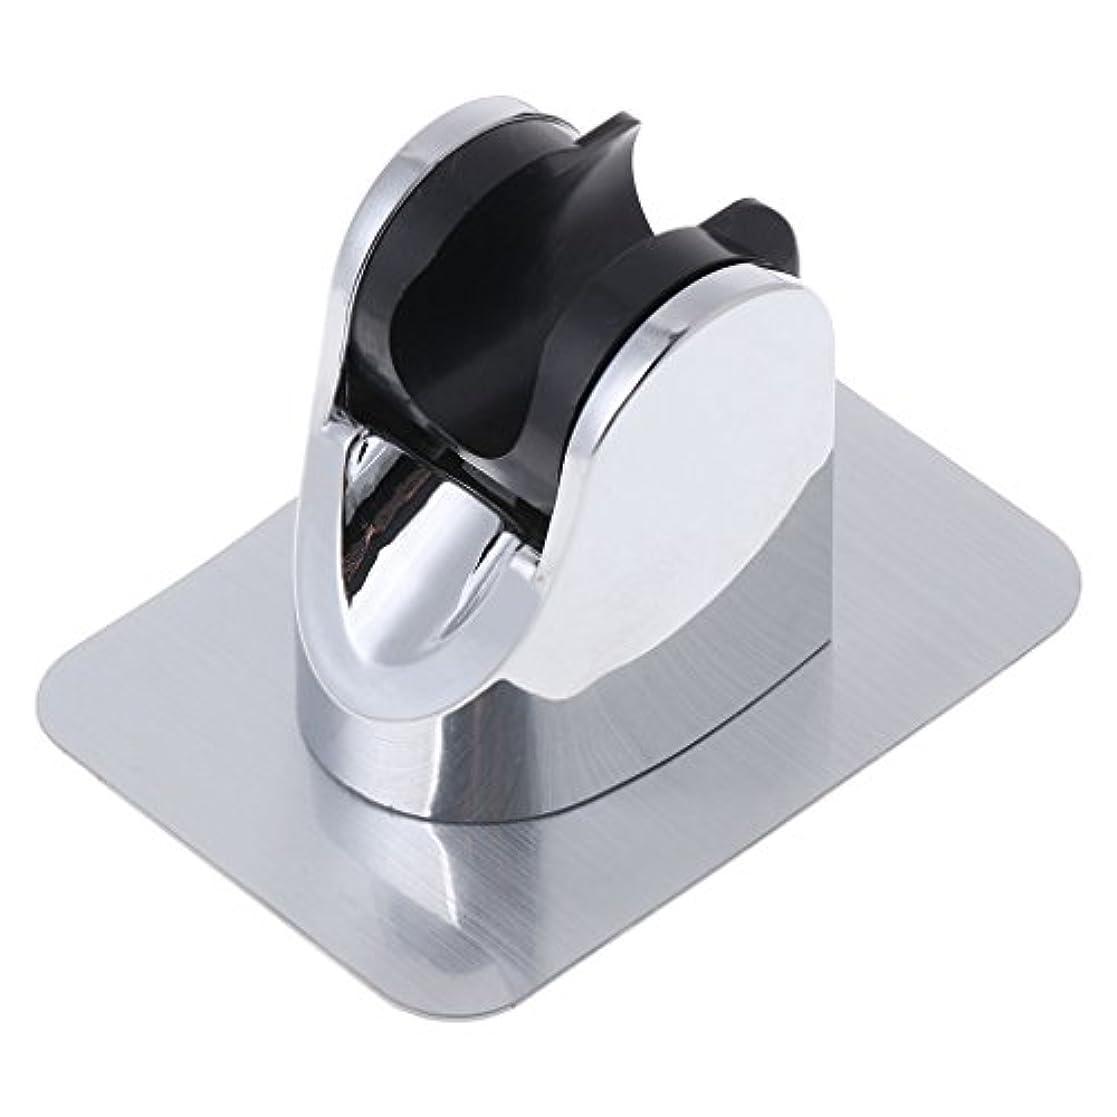 ピック長方形反映するLamdooヘッドホルダー調節可能ドリルブラケットマウントシャワーハンドなしステッカー